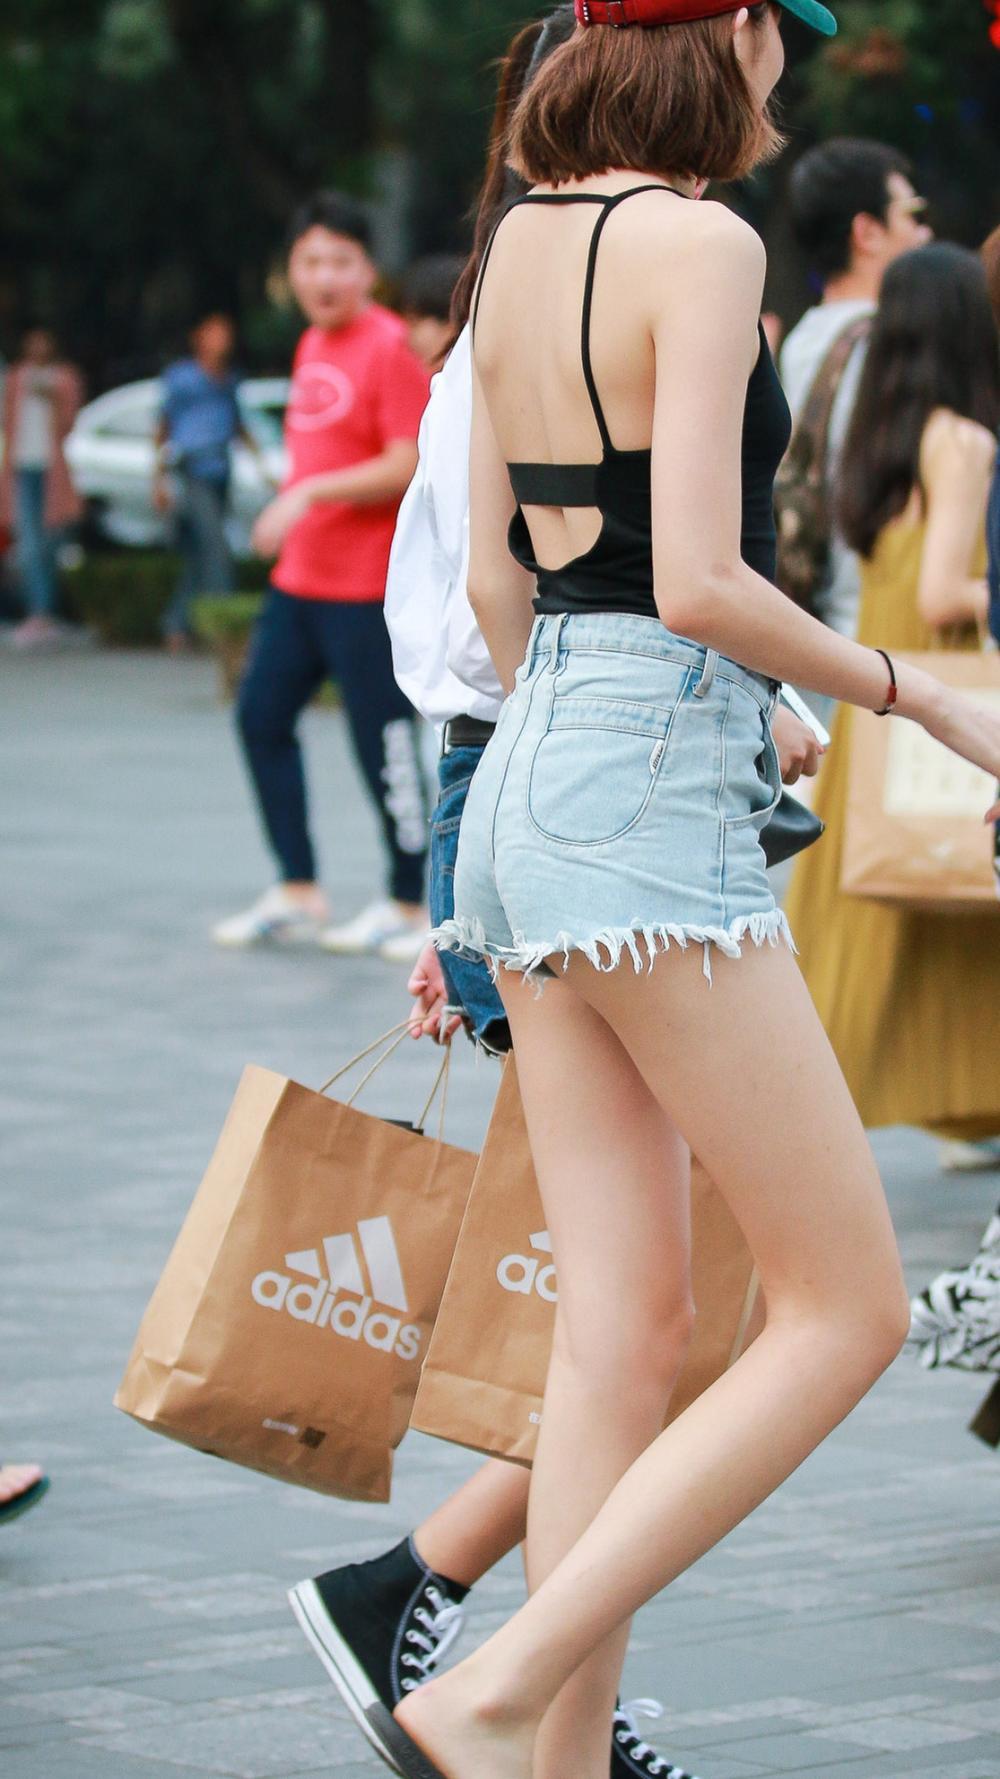 挂脖式露背上衣搭配超短裤的黄花大闺女, 1米2大长腿晳白美丽 5